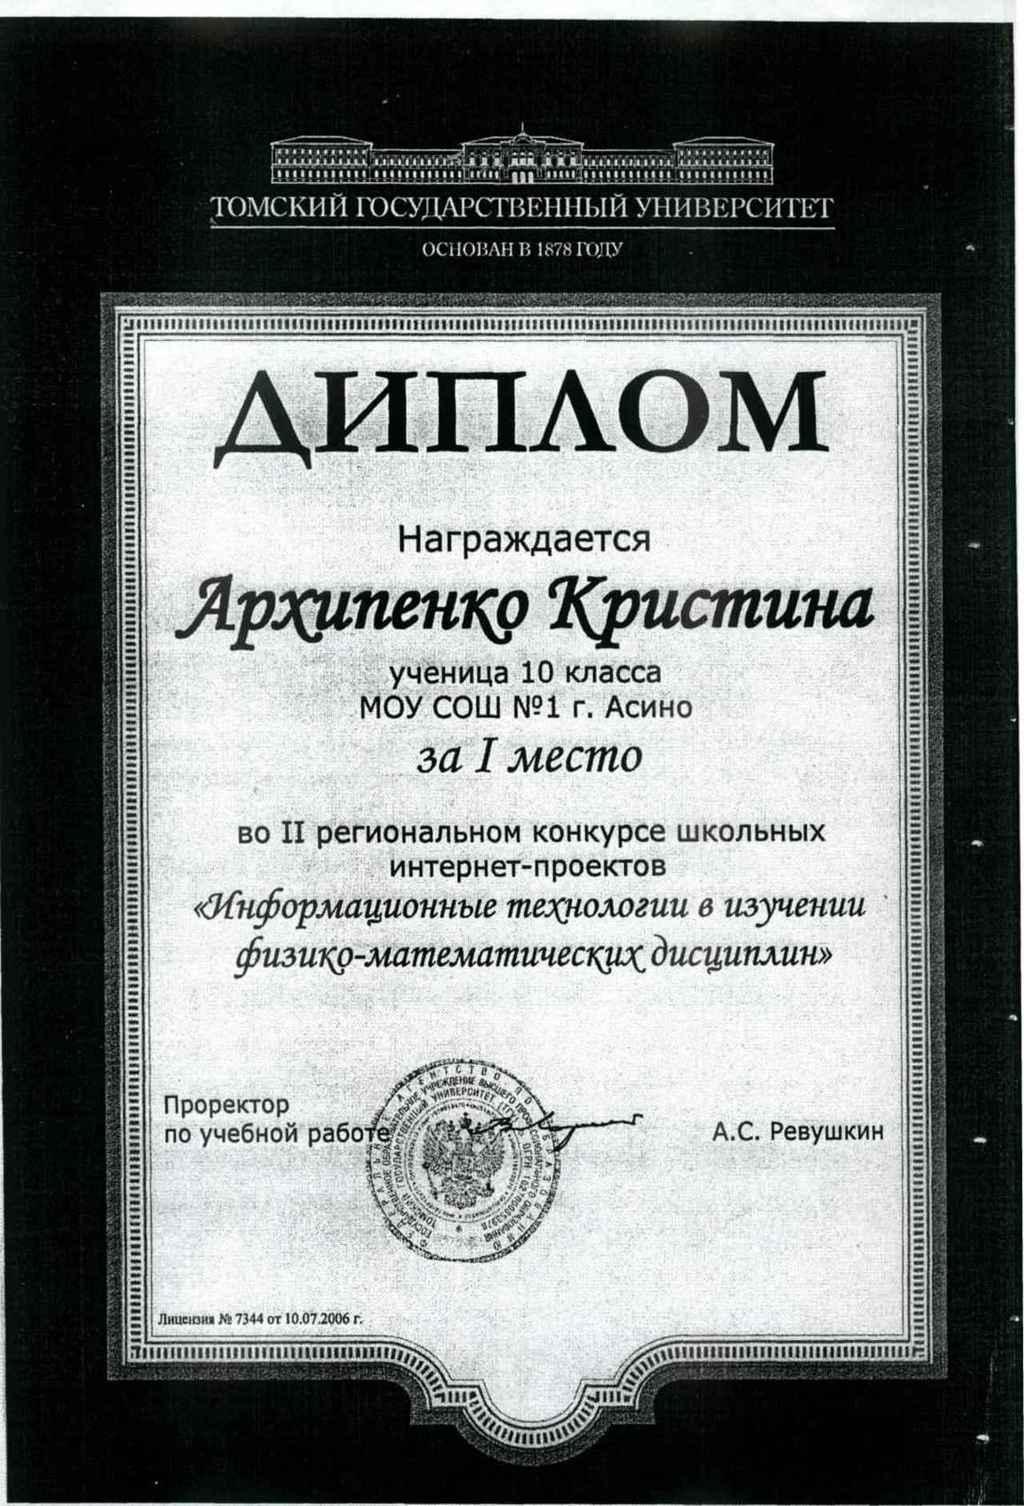 Диплом Архипенко К